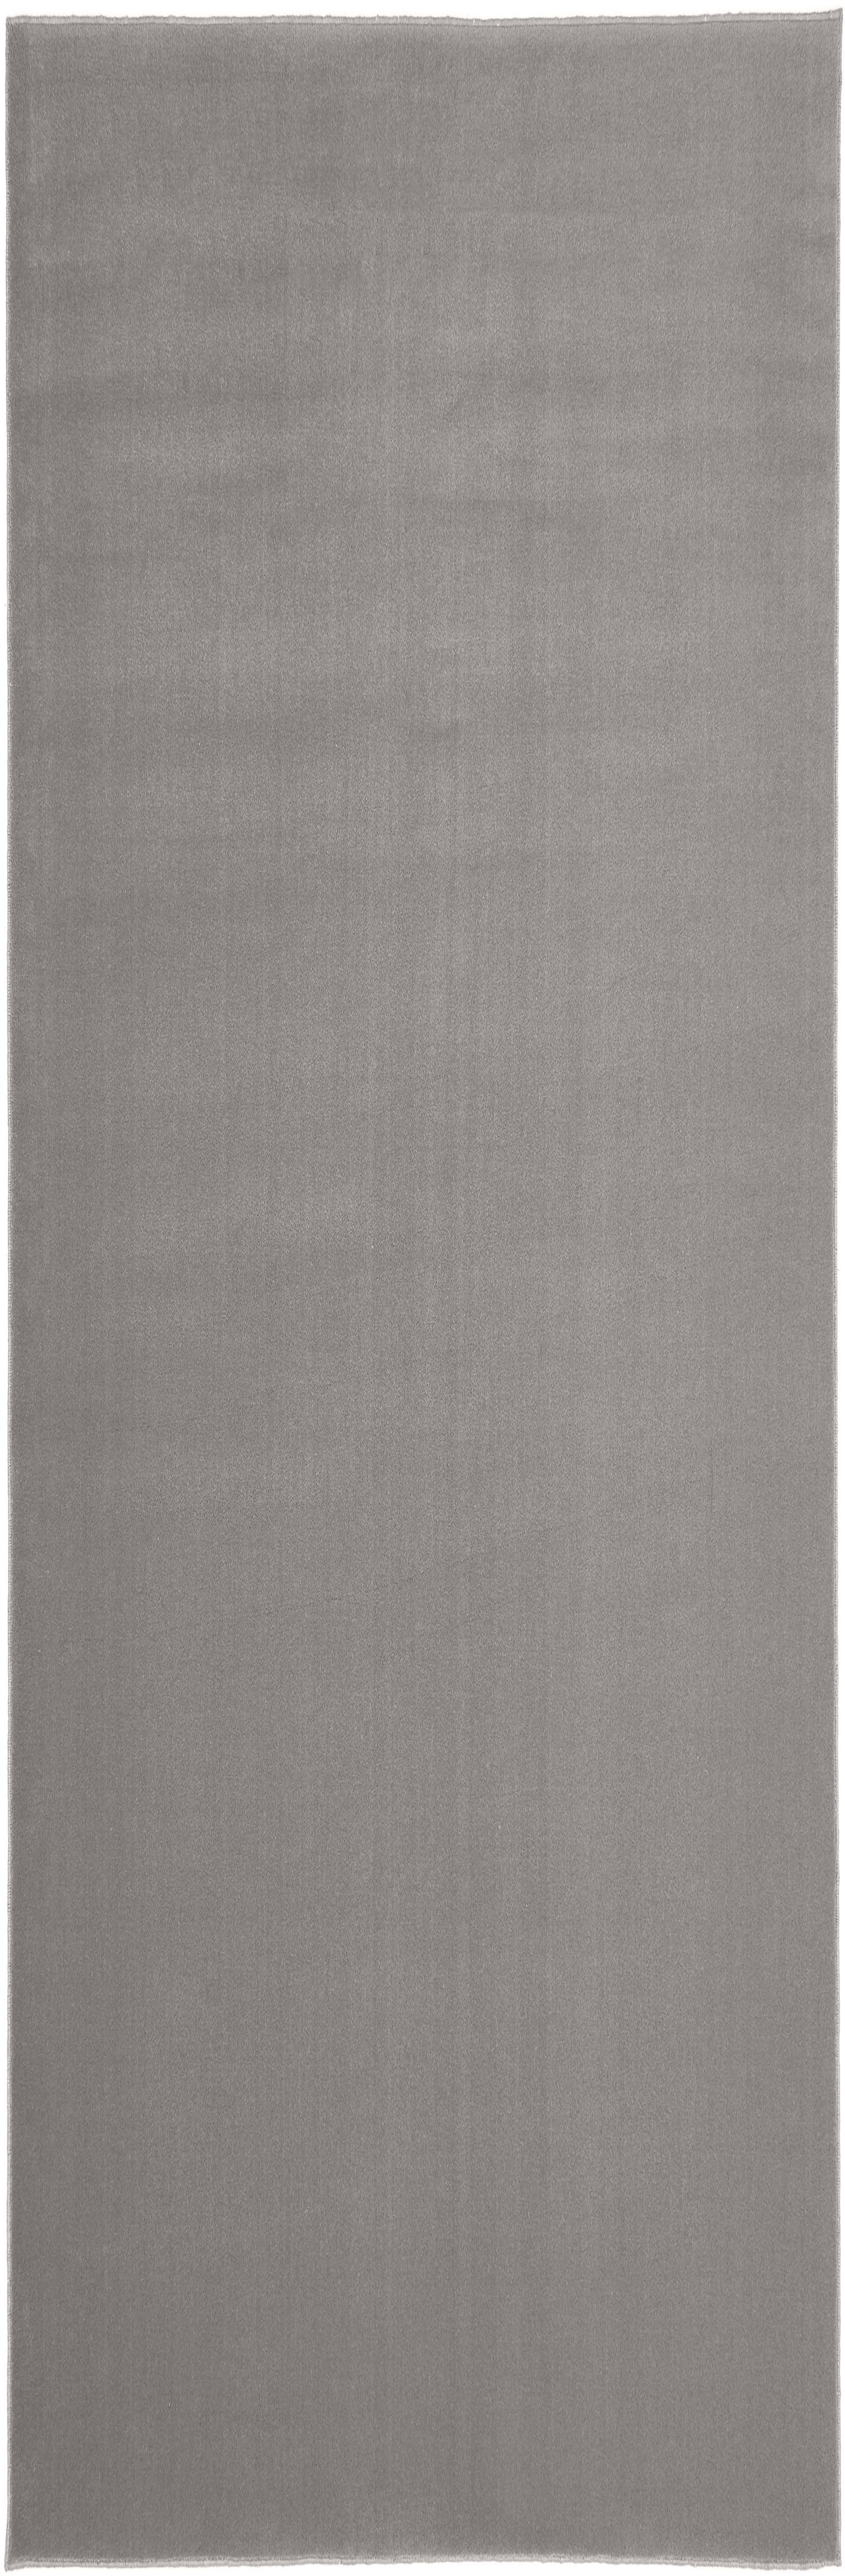 Wollen loper Ida in grijs, Bovenzijde: wol, Onderzijde: polyester, Grijs, 80 x 250 cm